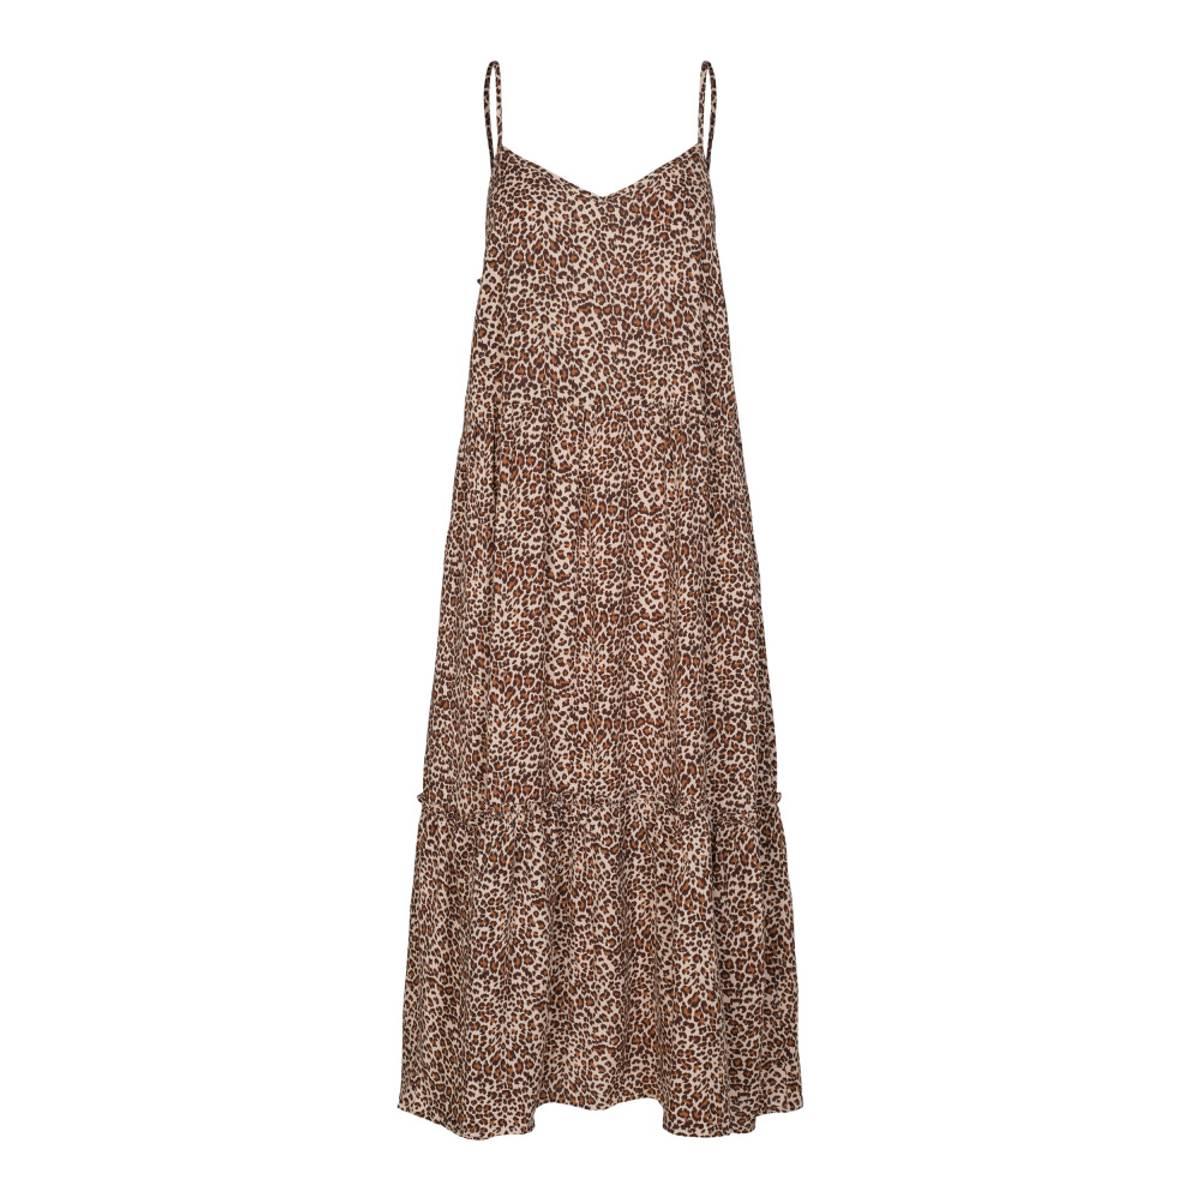 Co'couture Mini Leo Strap Dress Khaki